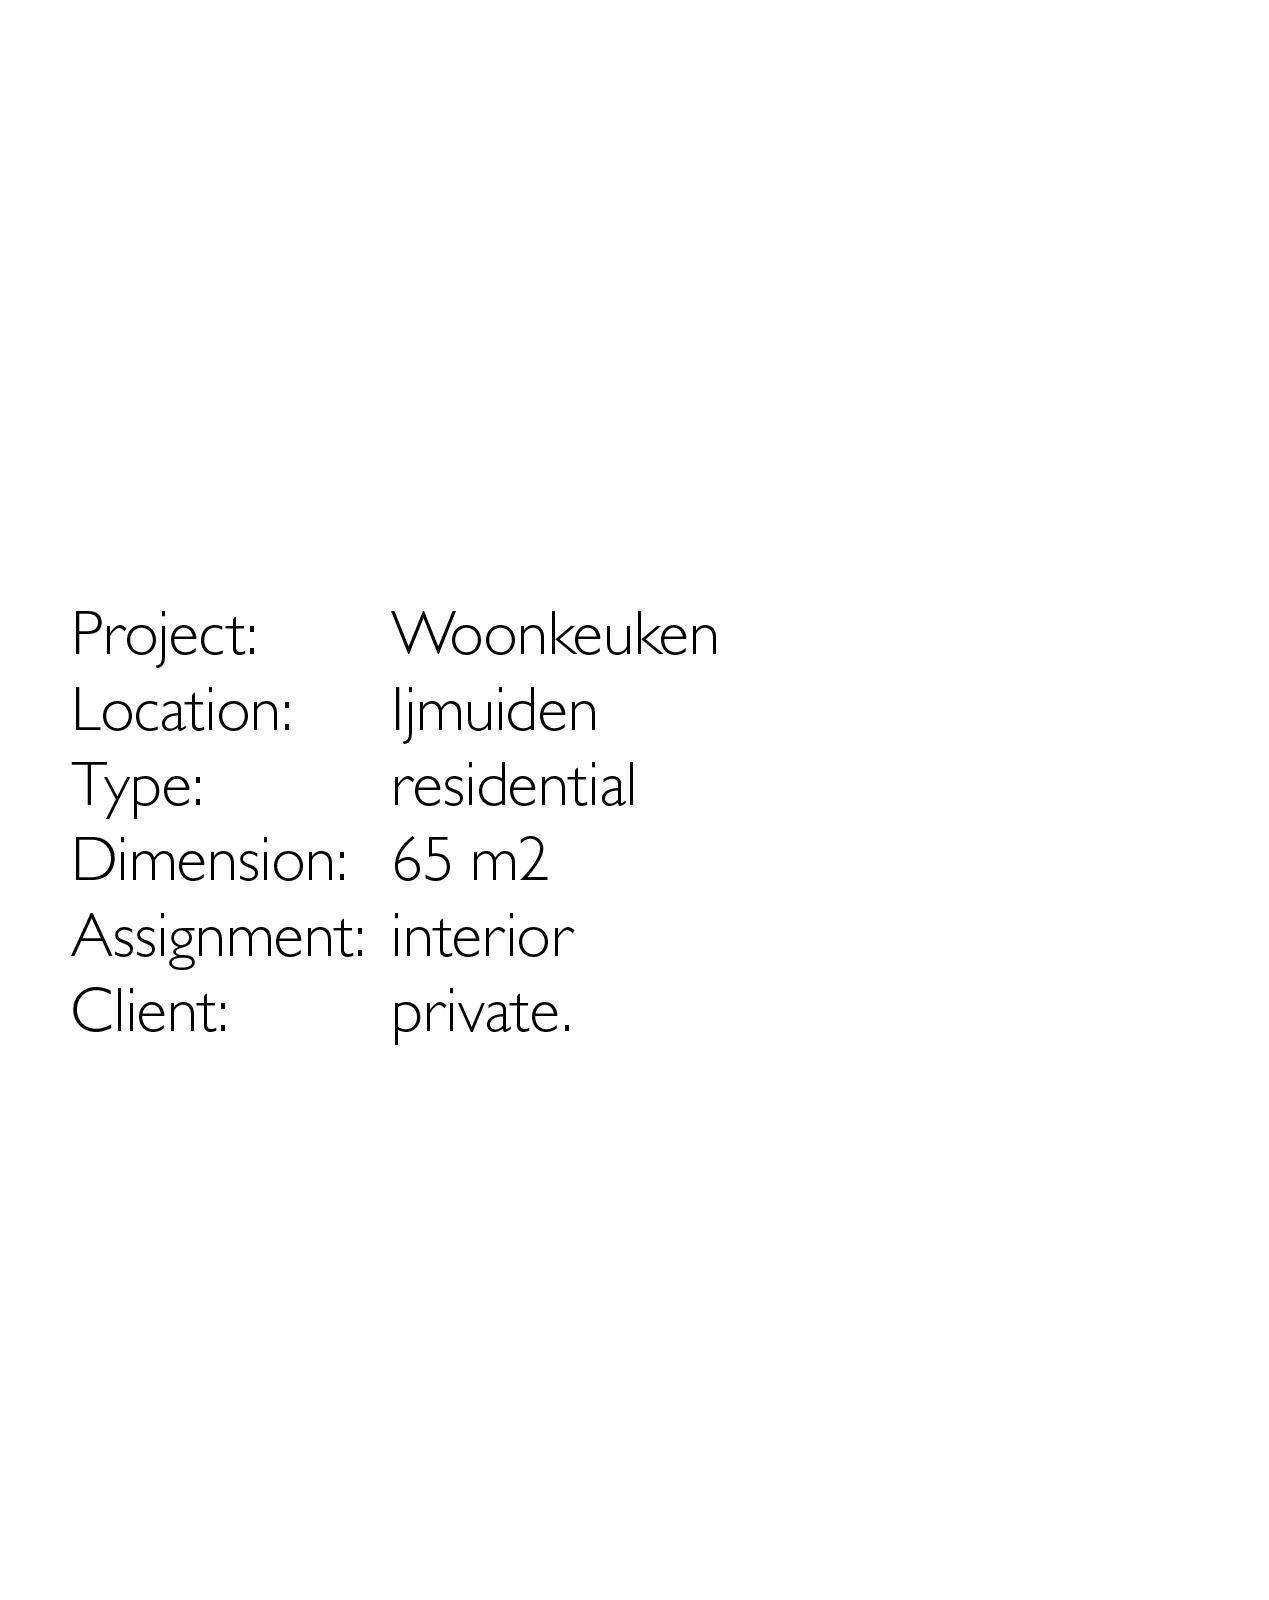 jeroendenijs_ijmuiden_woonhuis_projectinfo